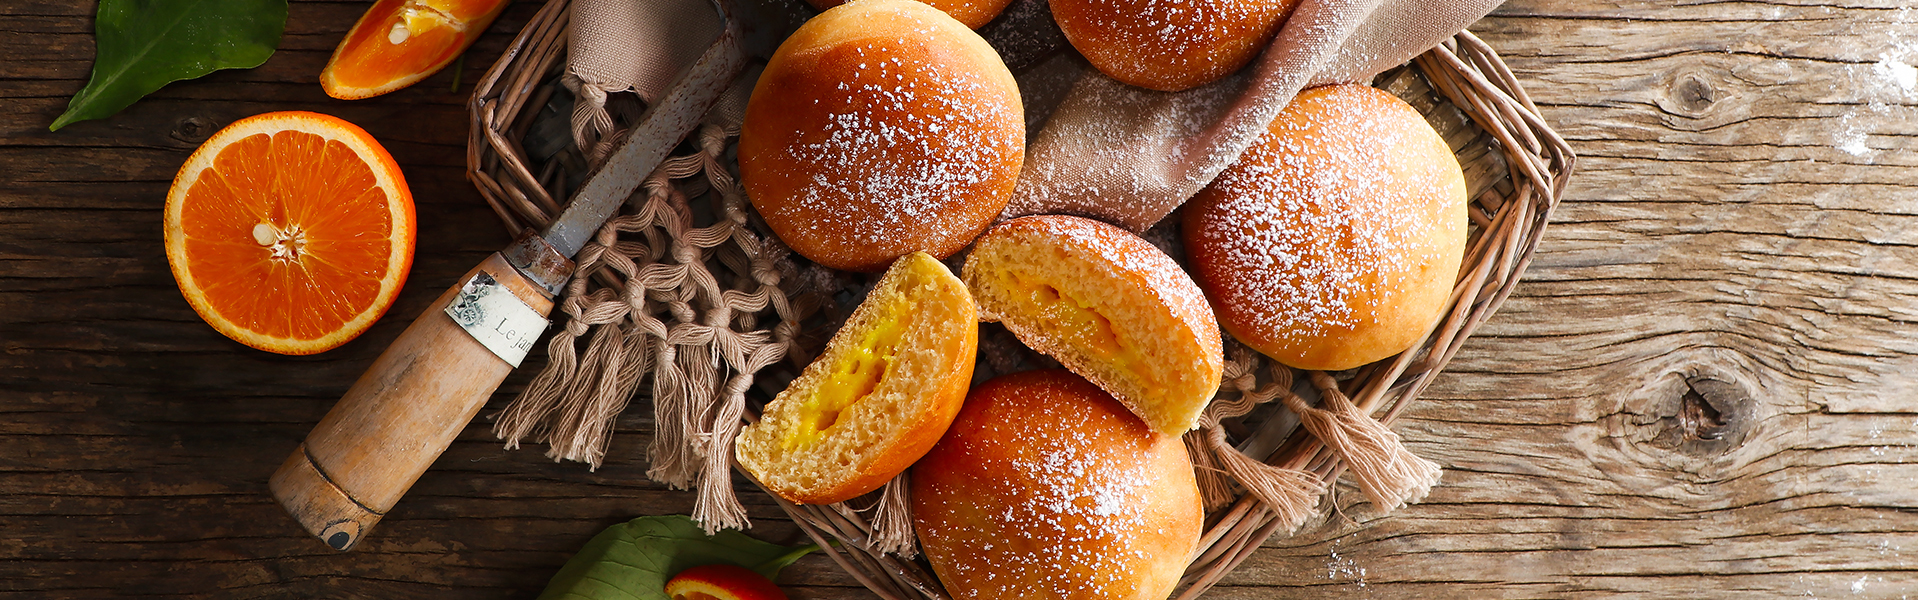 Baked Italian doughnuts